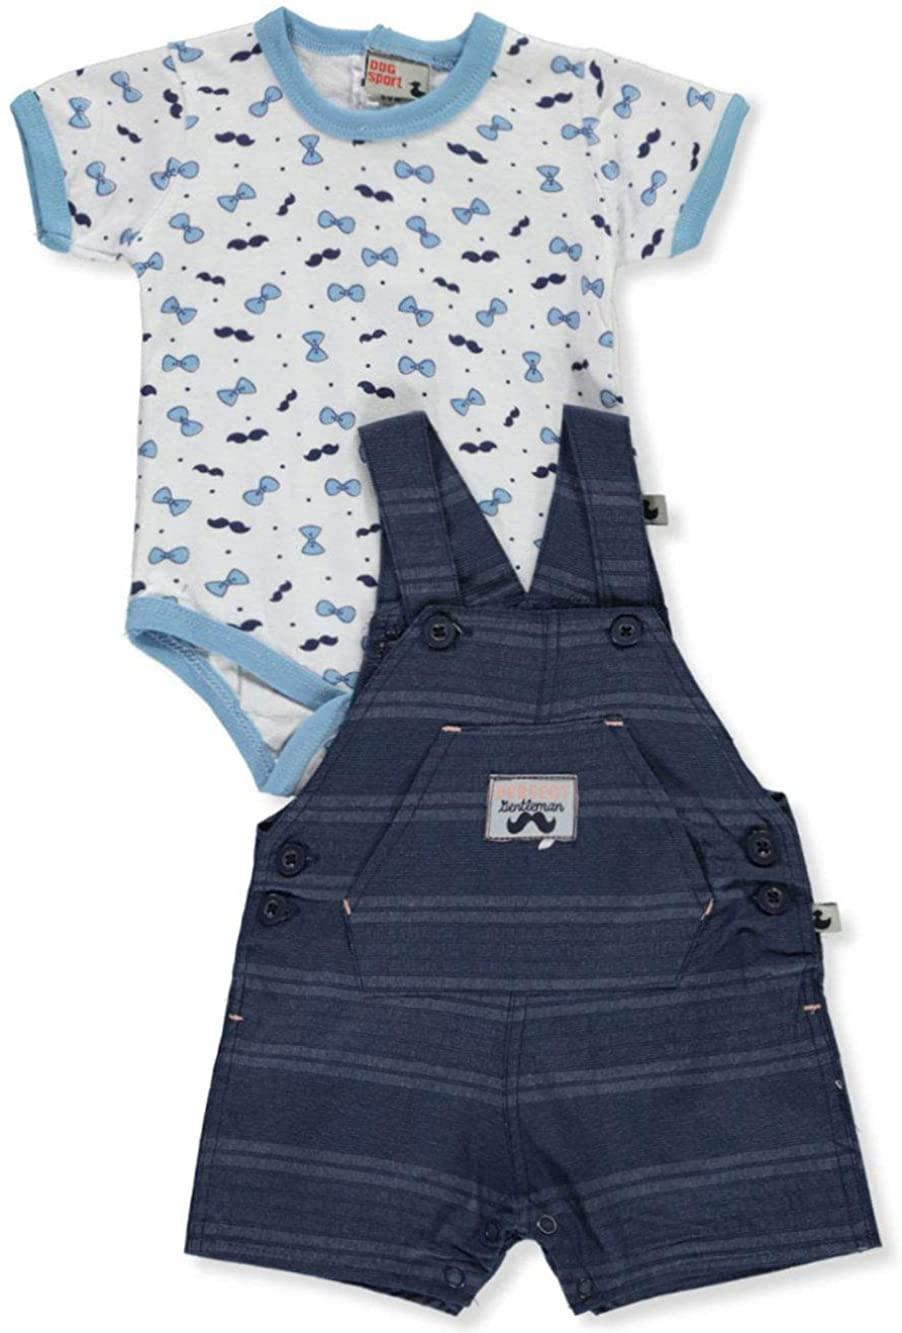 DDG Sport Baby Boys' Beach Explorer 2-Piece Shortalls Set Outfit